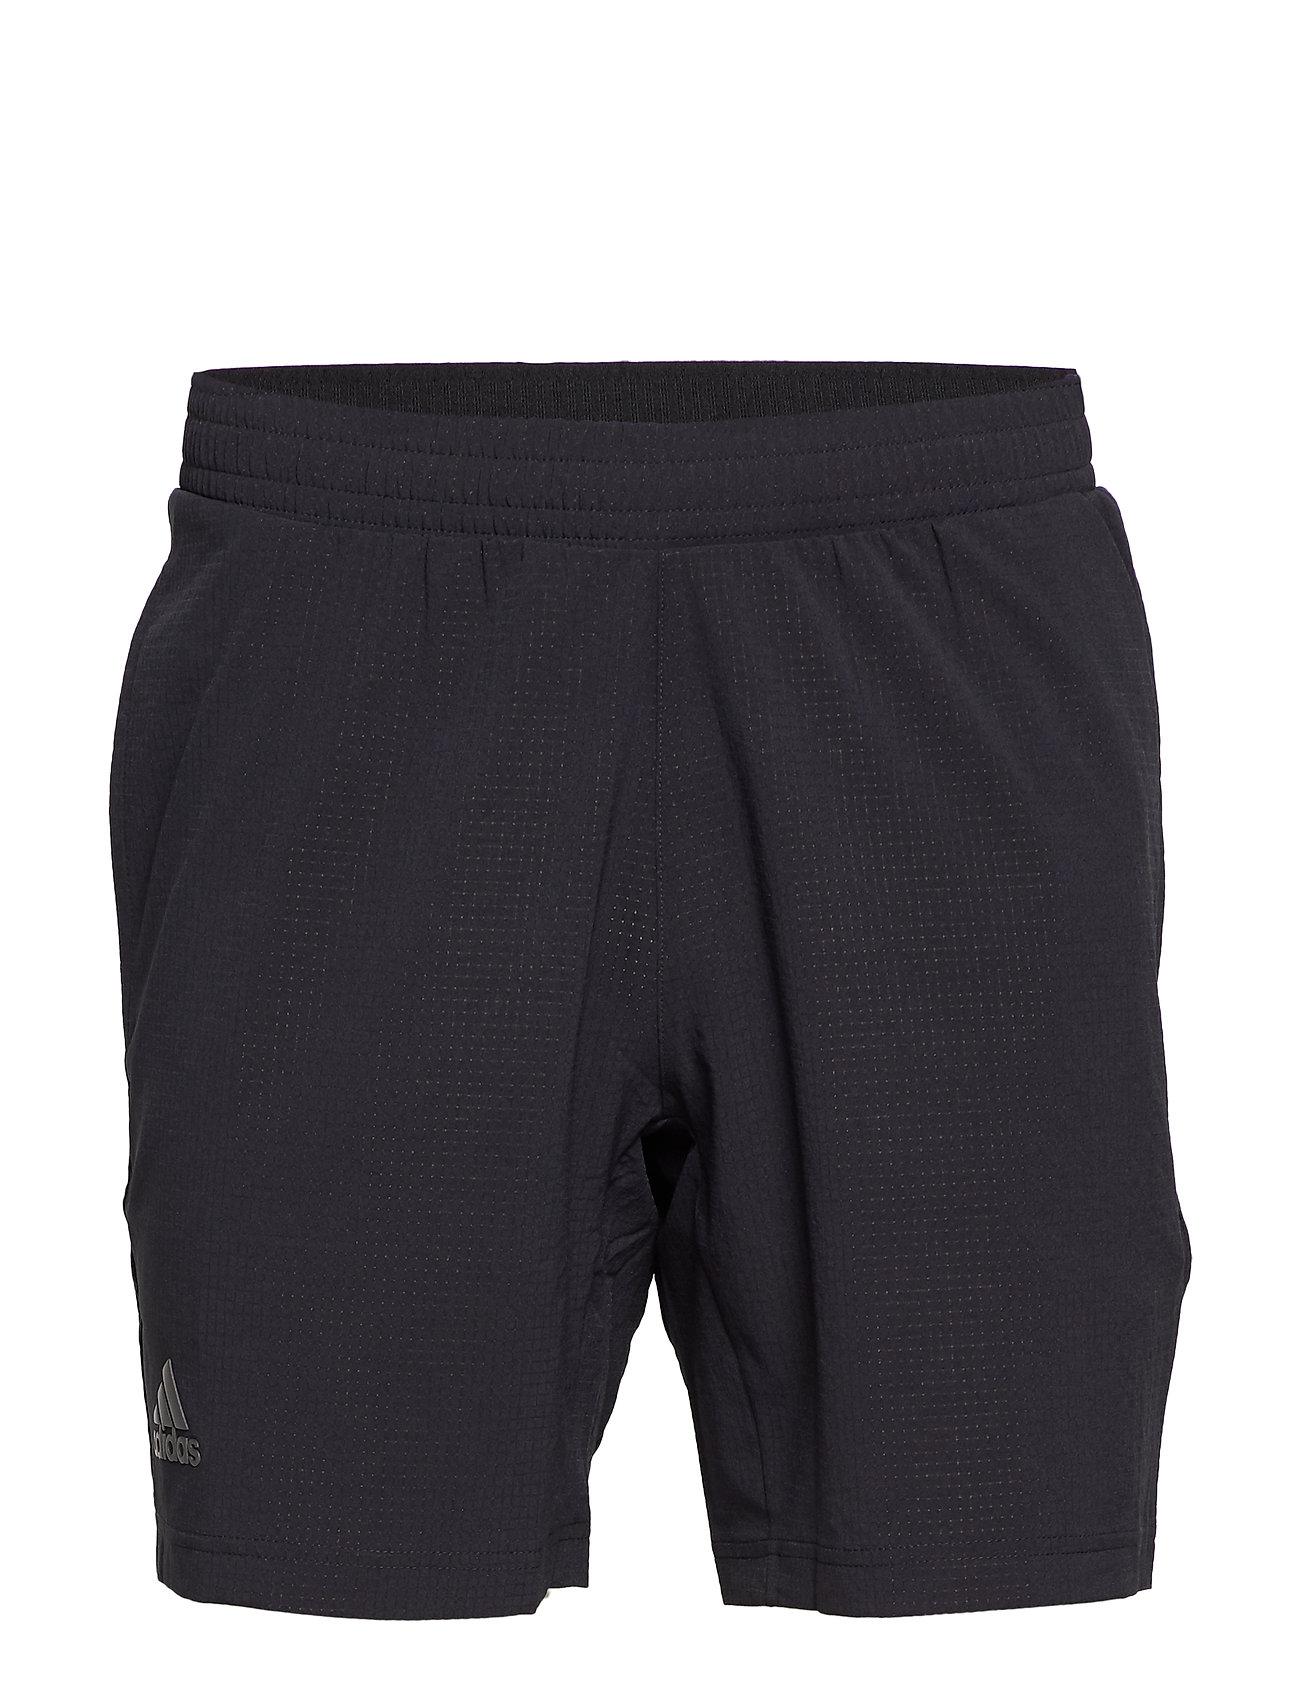 adidas Tennis MC ERGO SHORT 7 - BLACK